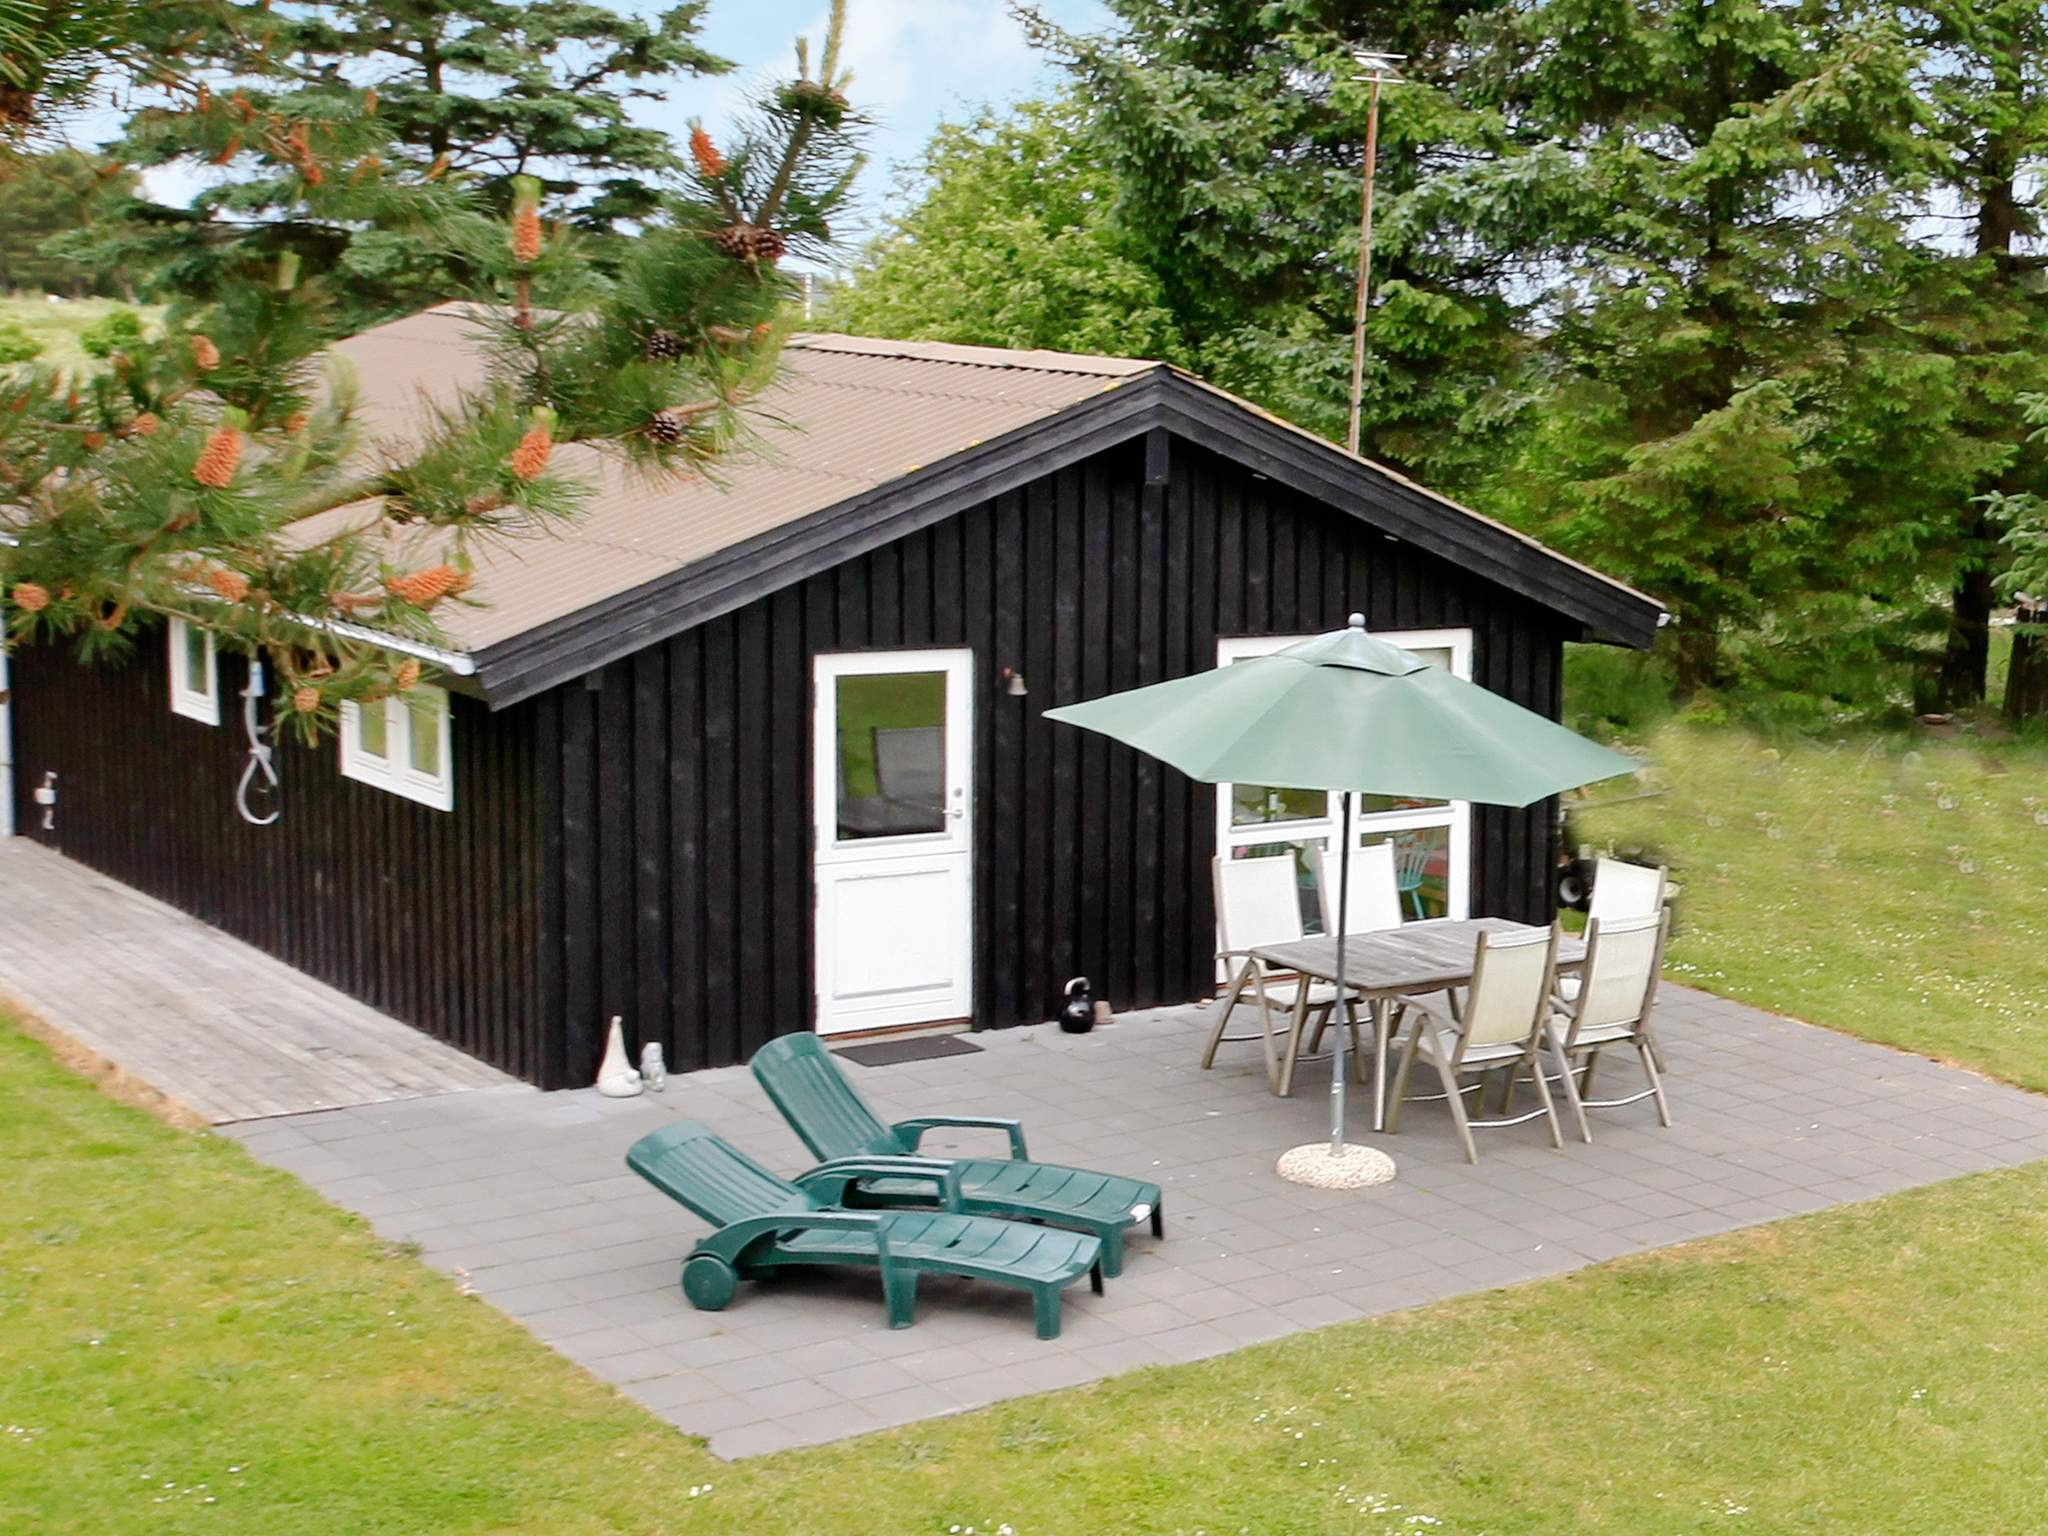 Ferienhaus Kjul Strand (808785), Hirtshals, , Nordwestjütland, Dänemark, Bild 22